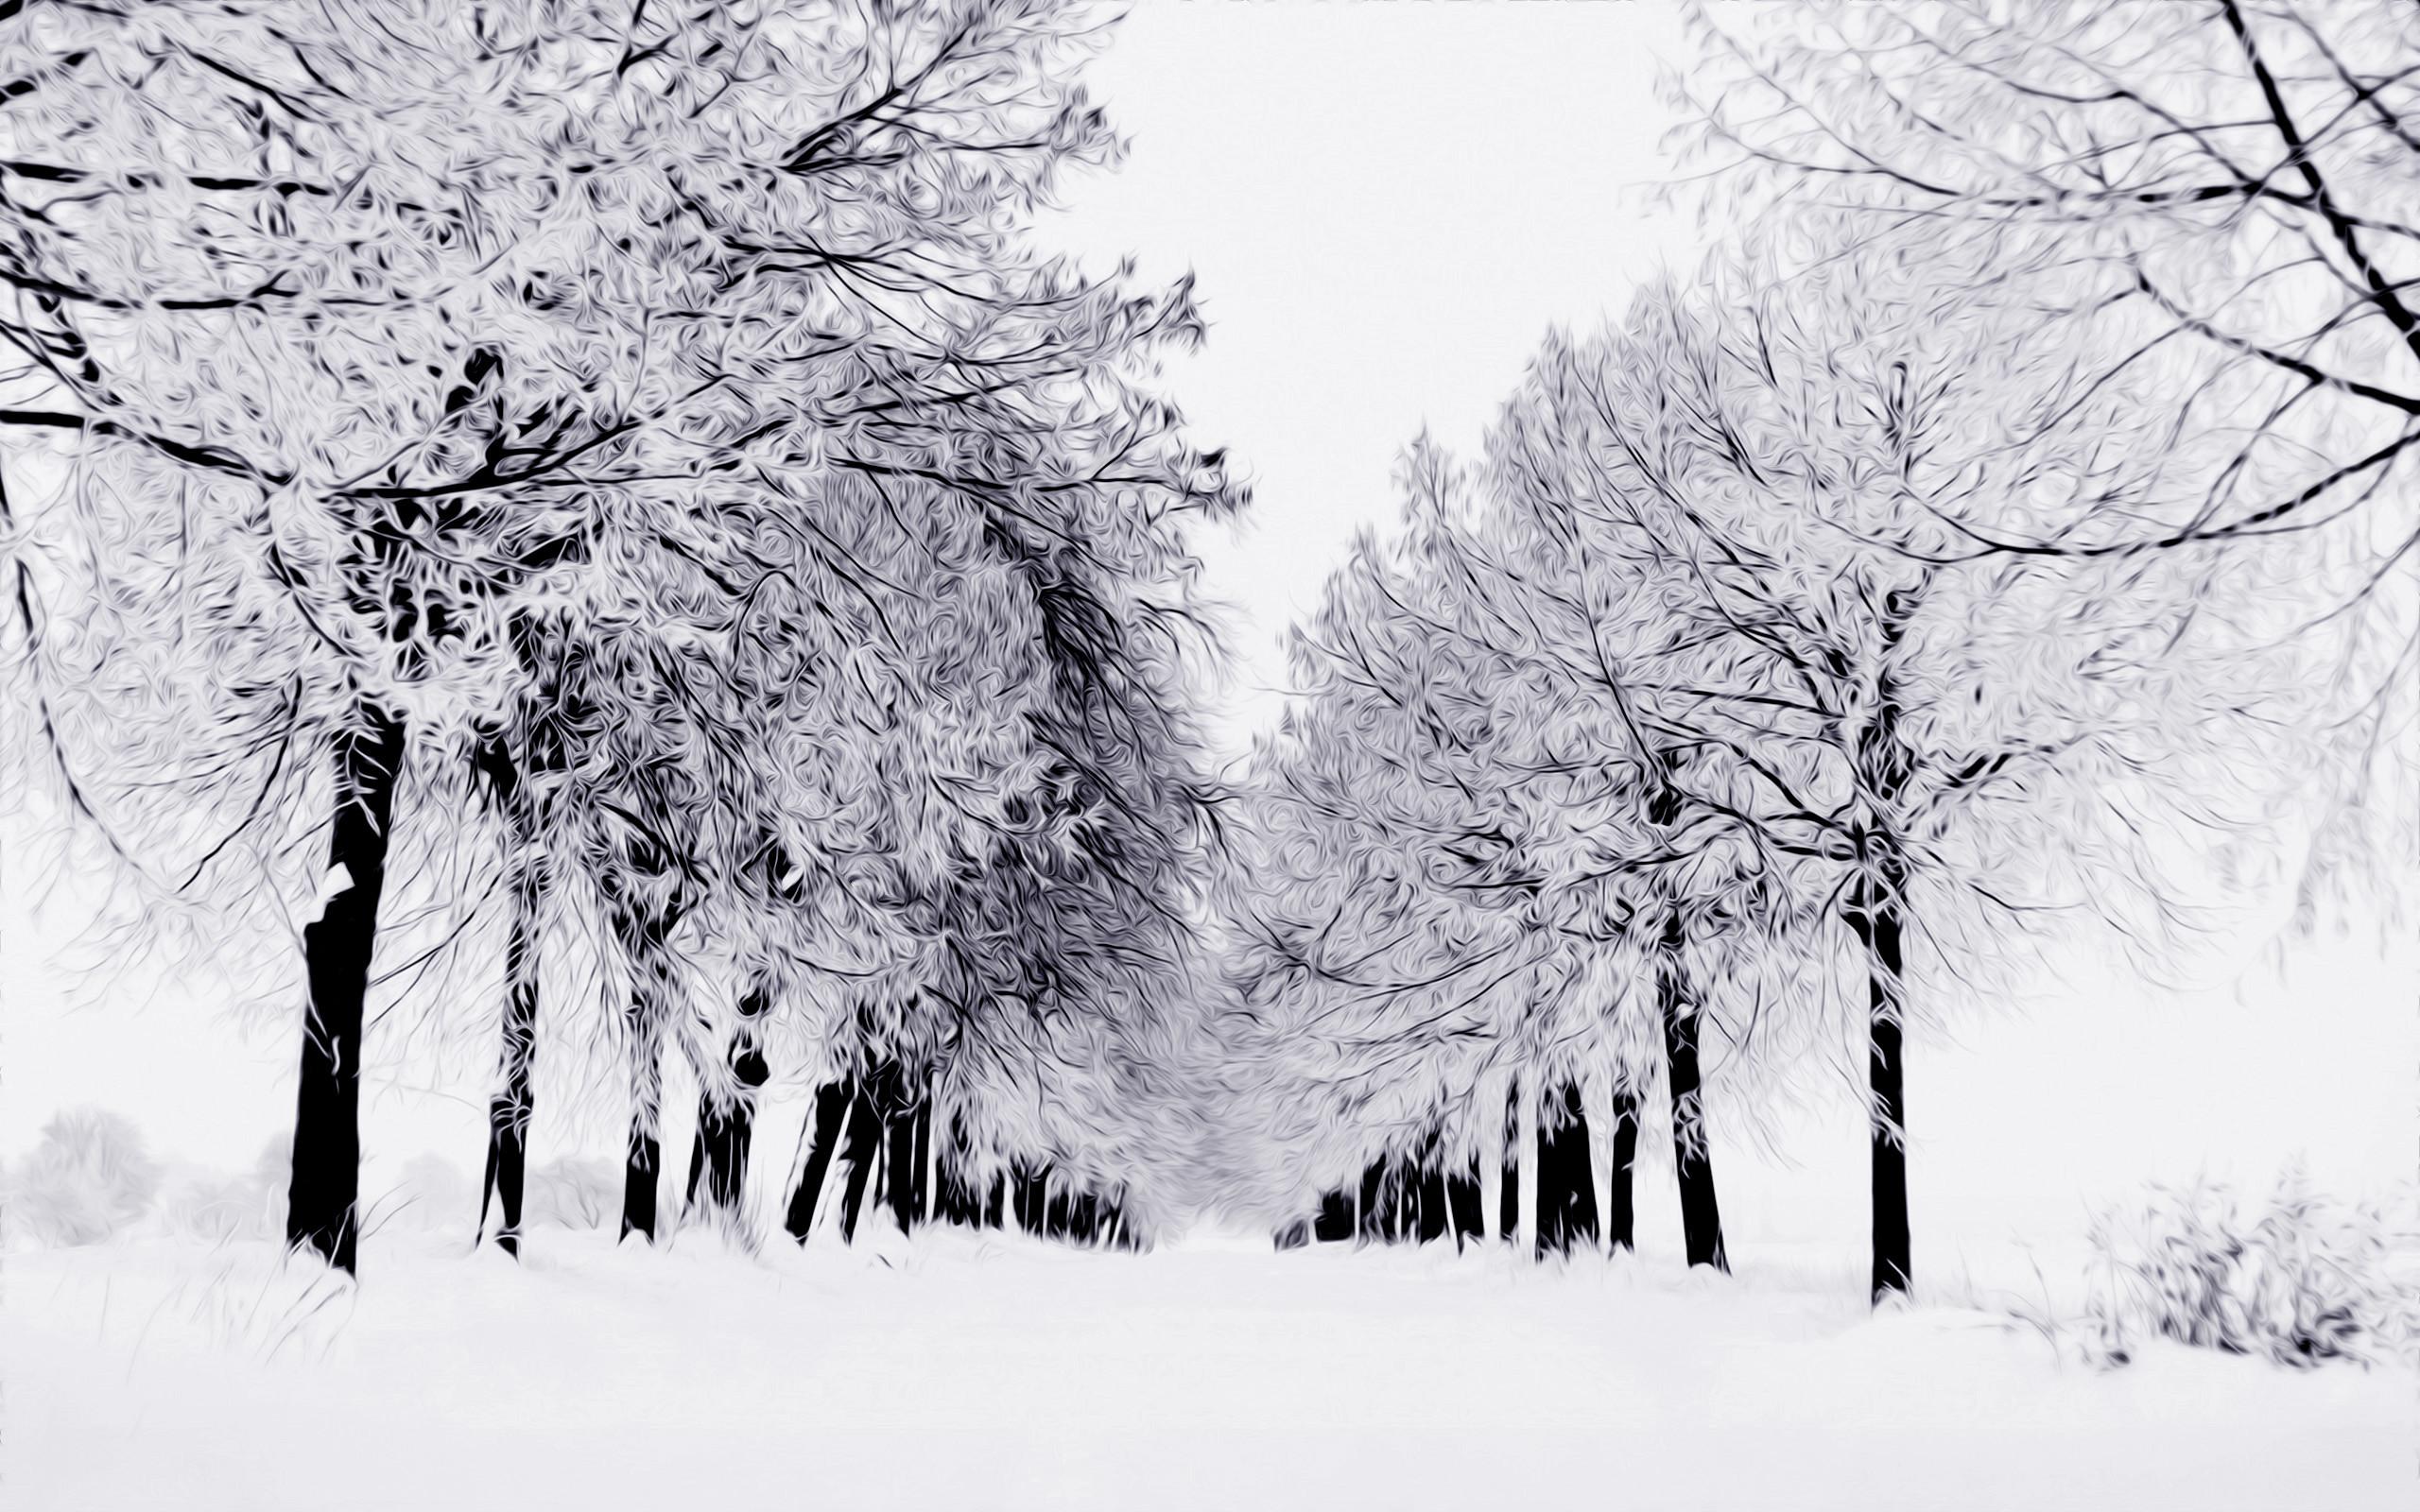 tree scene wallpaper 41 images